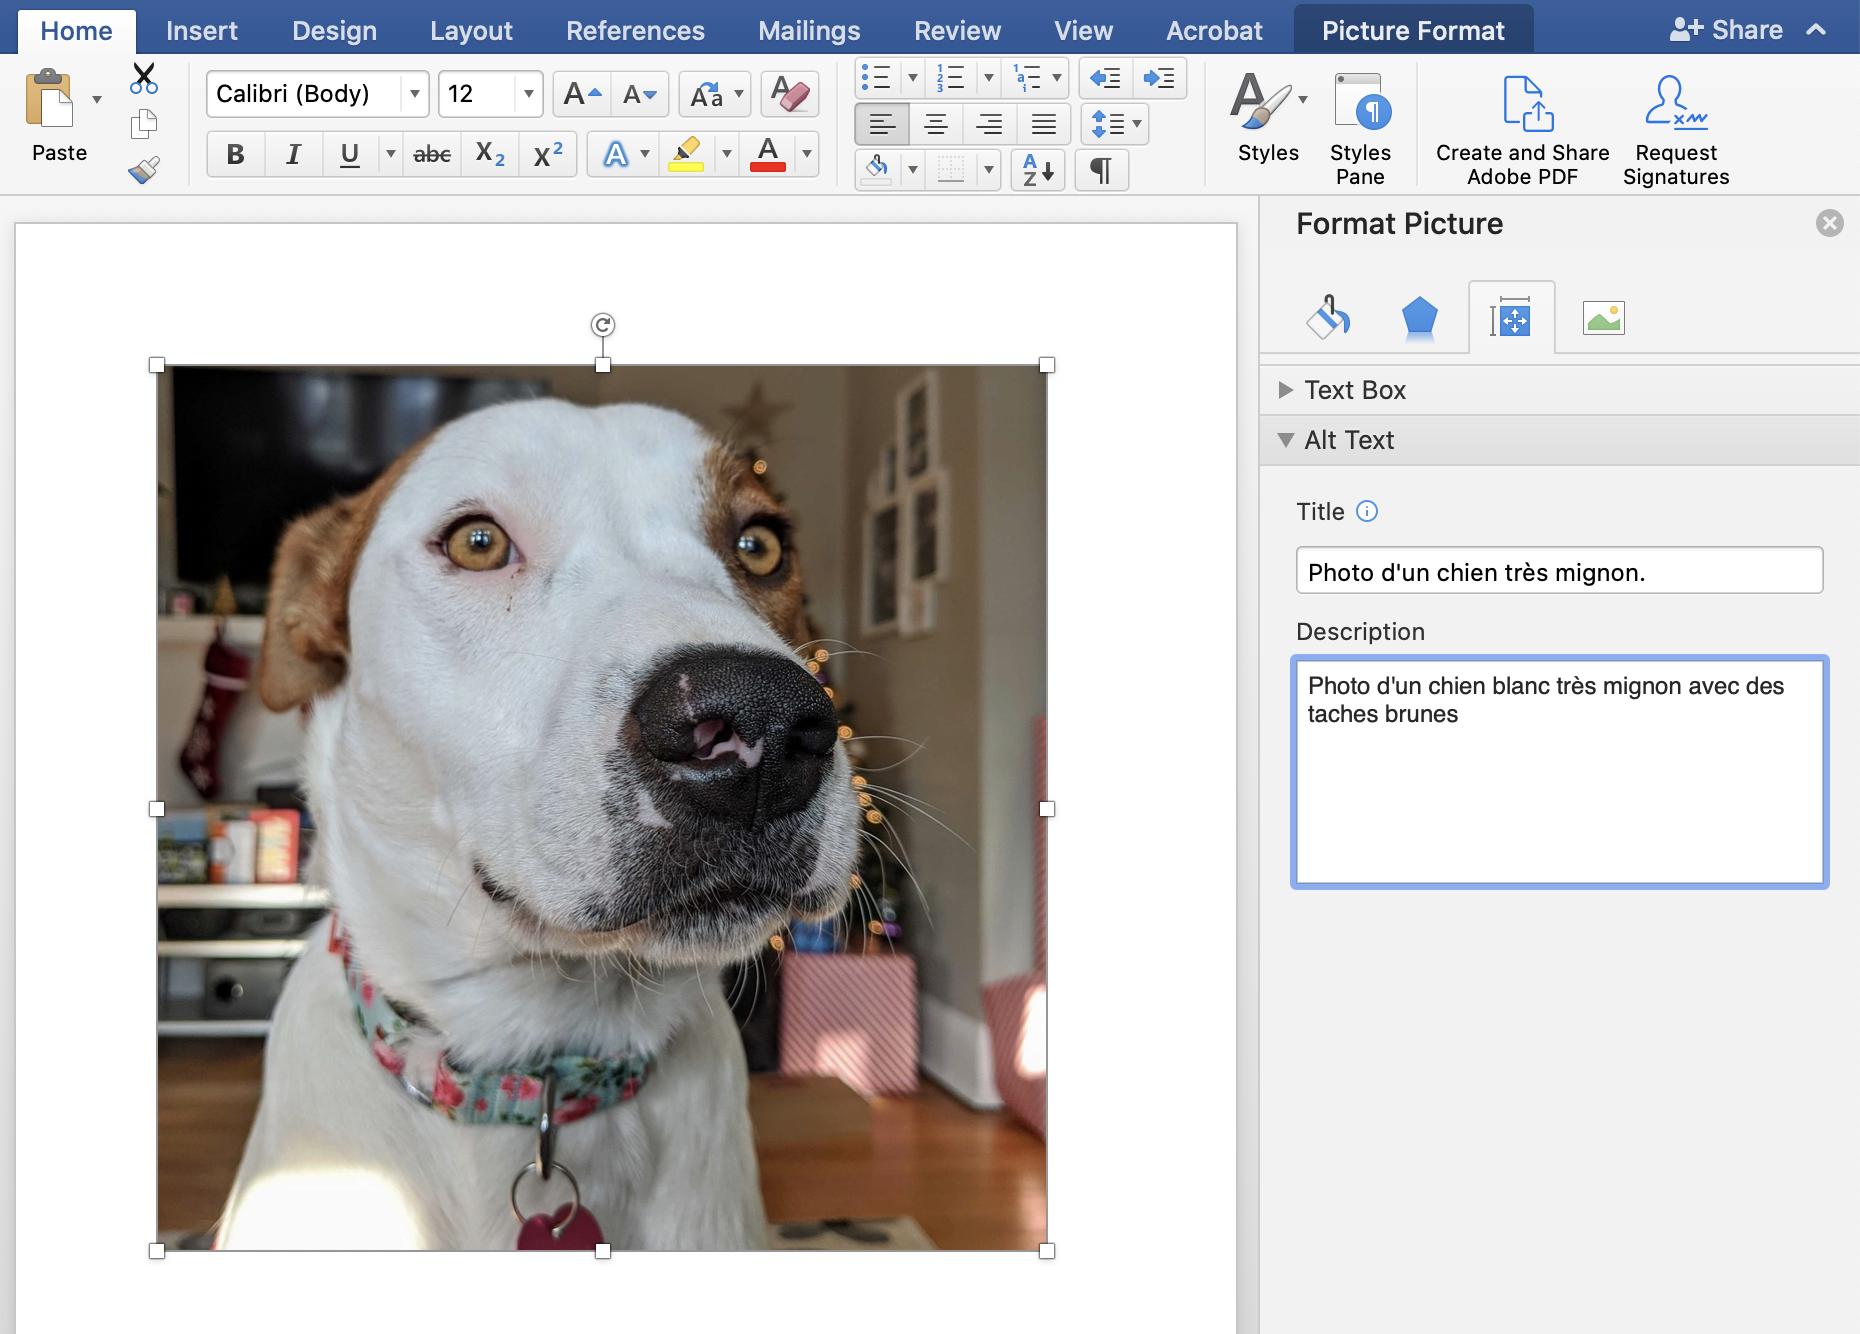 Capture d'écran d'une image de chien dans un document Word, avec le menu « Format de l'image » ouvert à droite et permettant d'ajouter la description « Photo d'un chien blanc très mignon avec des taches brunes »